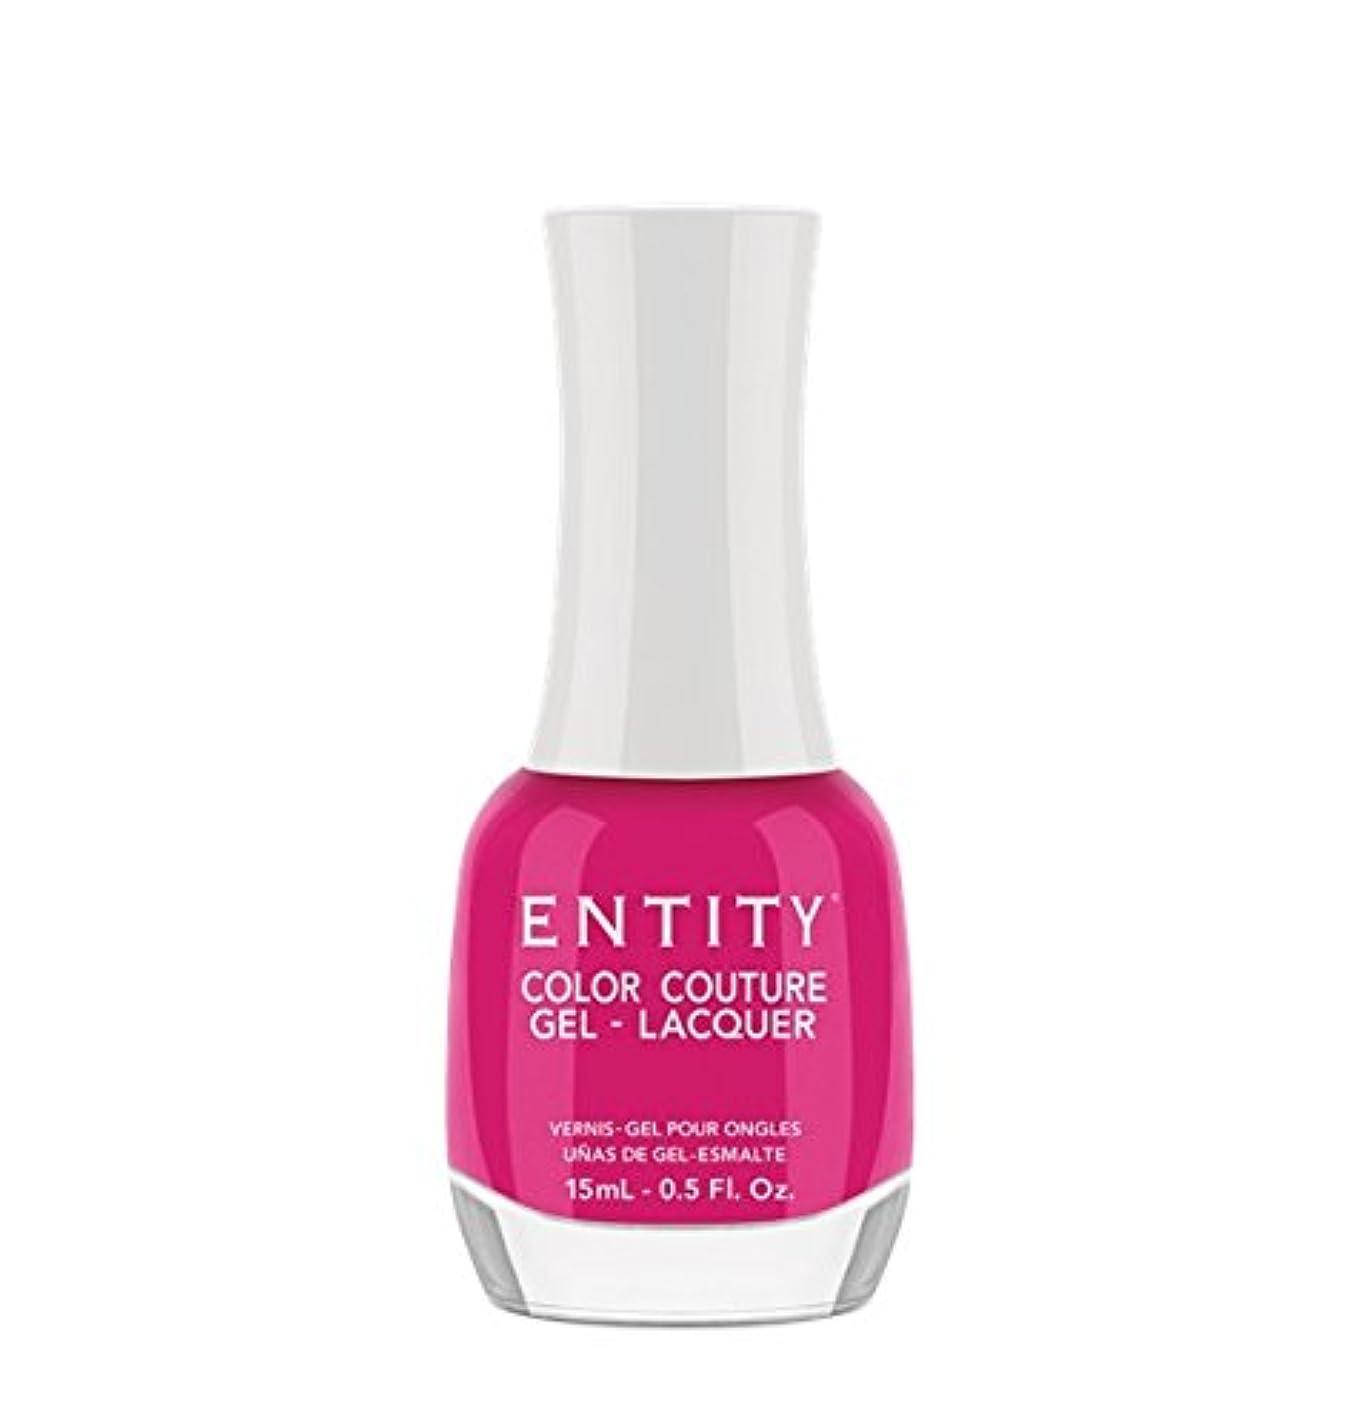 夜明けに予防接種する北東Entity Color Couture Gel-Lacquer - Tres Chic - 15 ml/0.5 oz